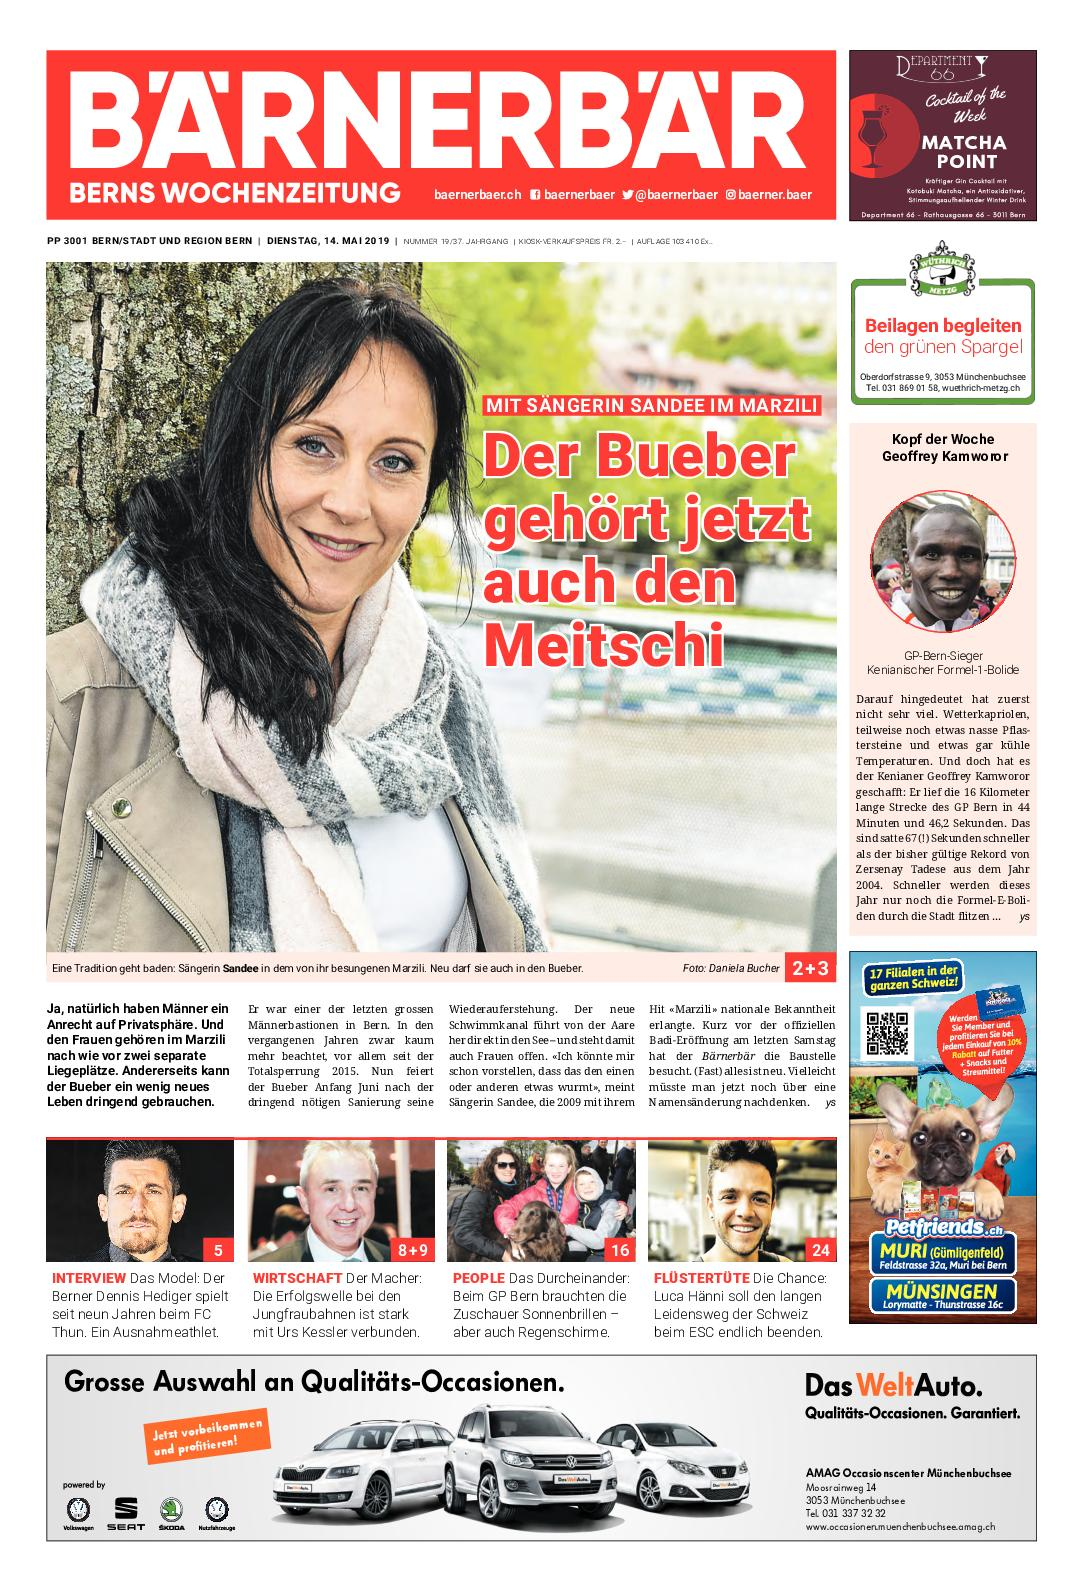 INHALTSVERZEICHNIS - Gemeinde Mnchenbuchsee